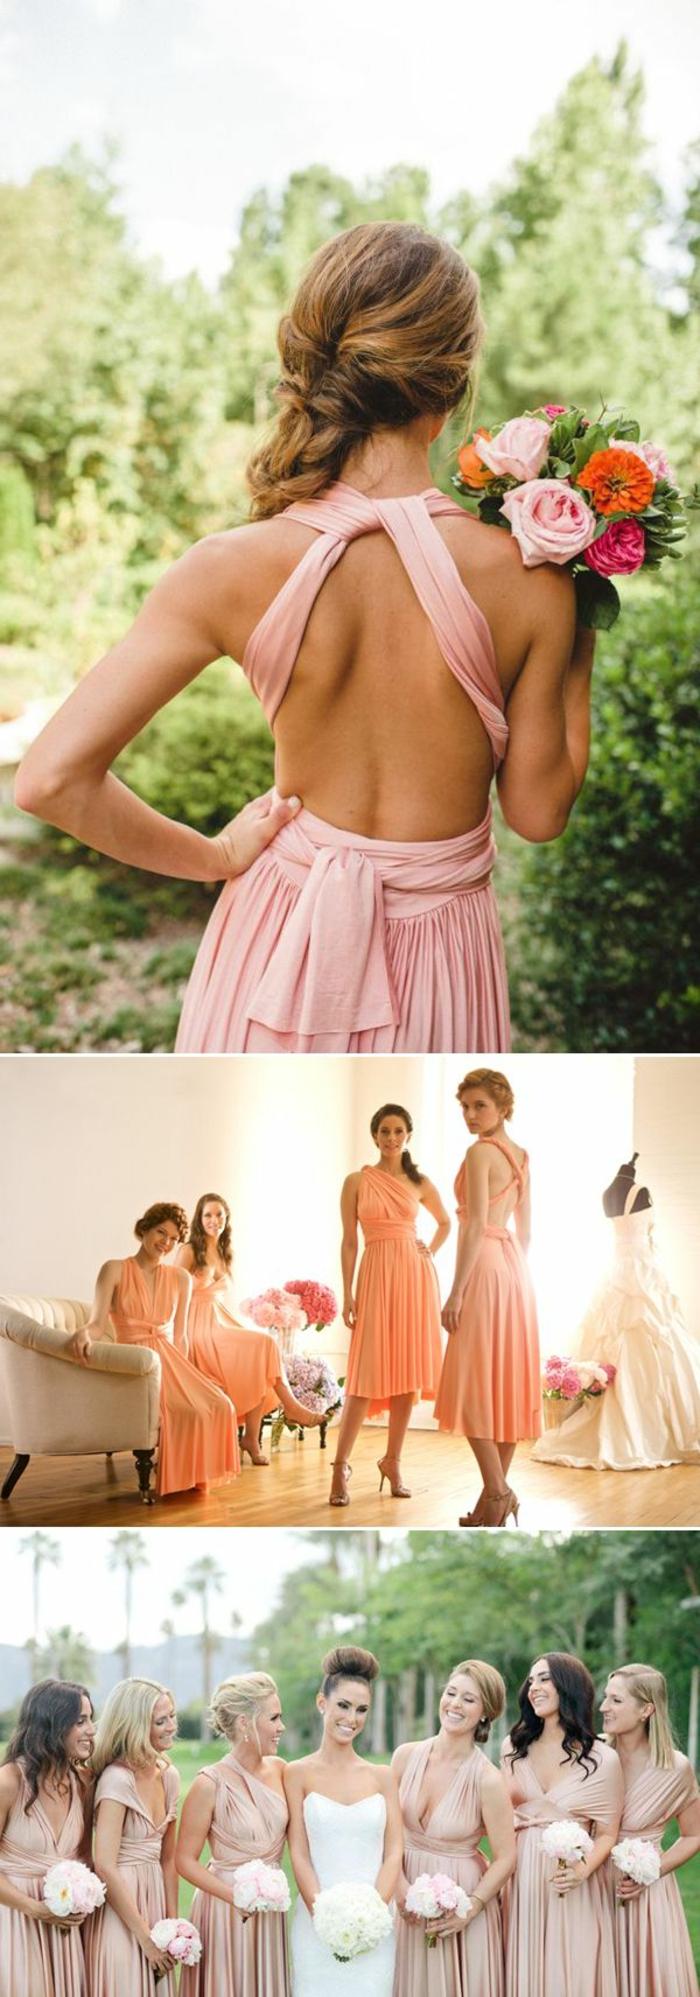 Robe-demoiselle-d-honneur-idées-mariage